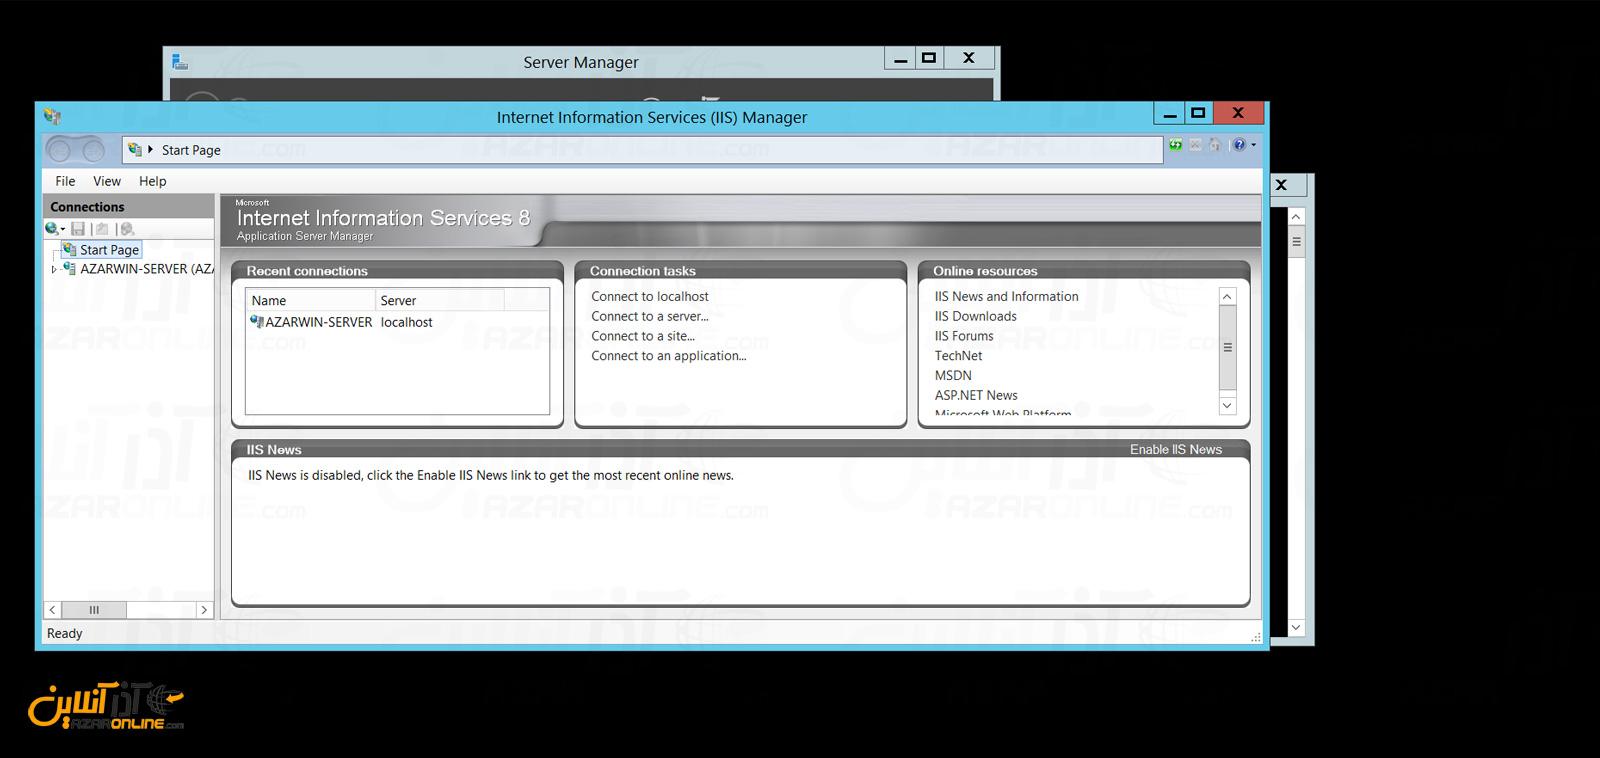 نمایی از ونیدوز مینیمال ویندوز سرور